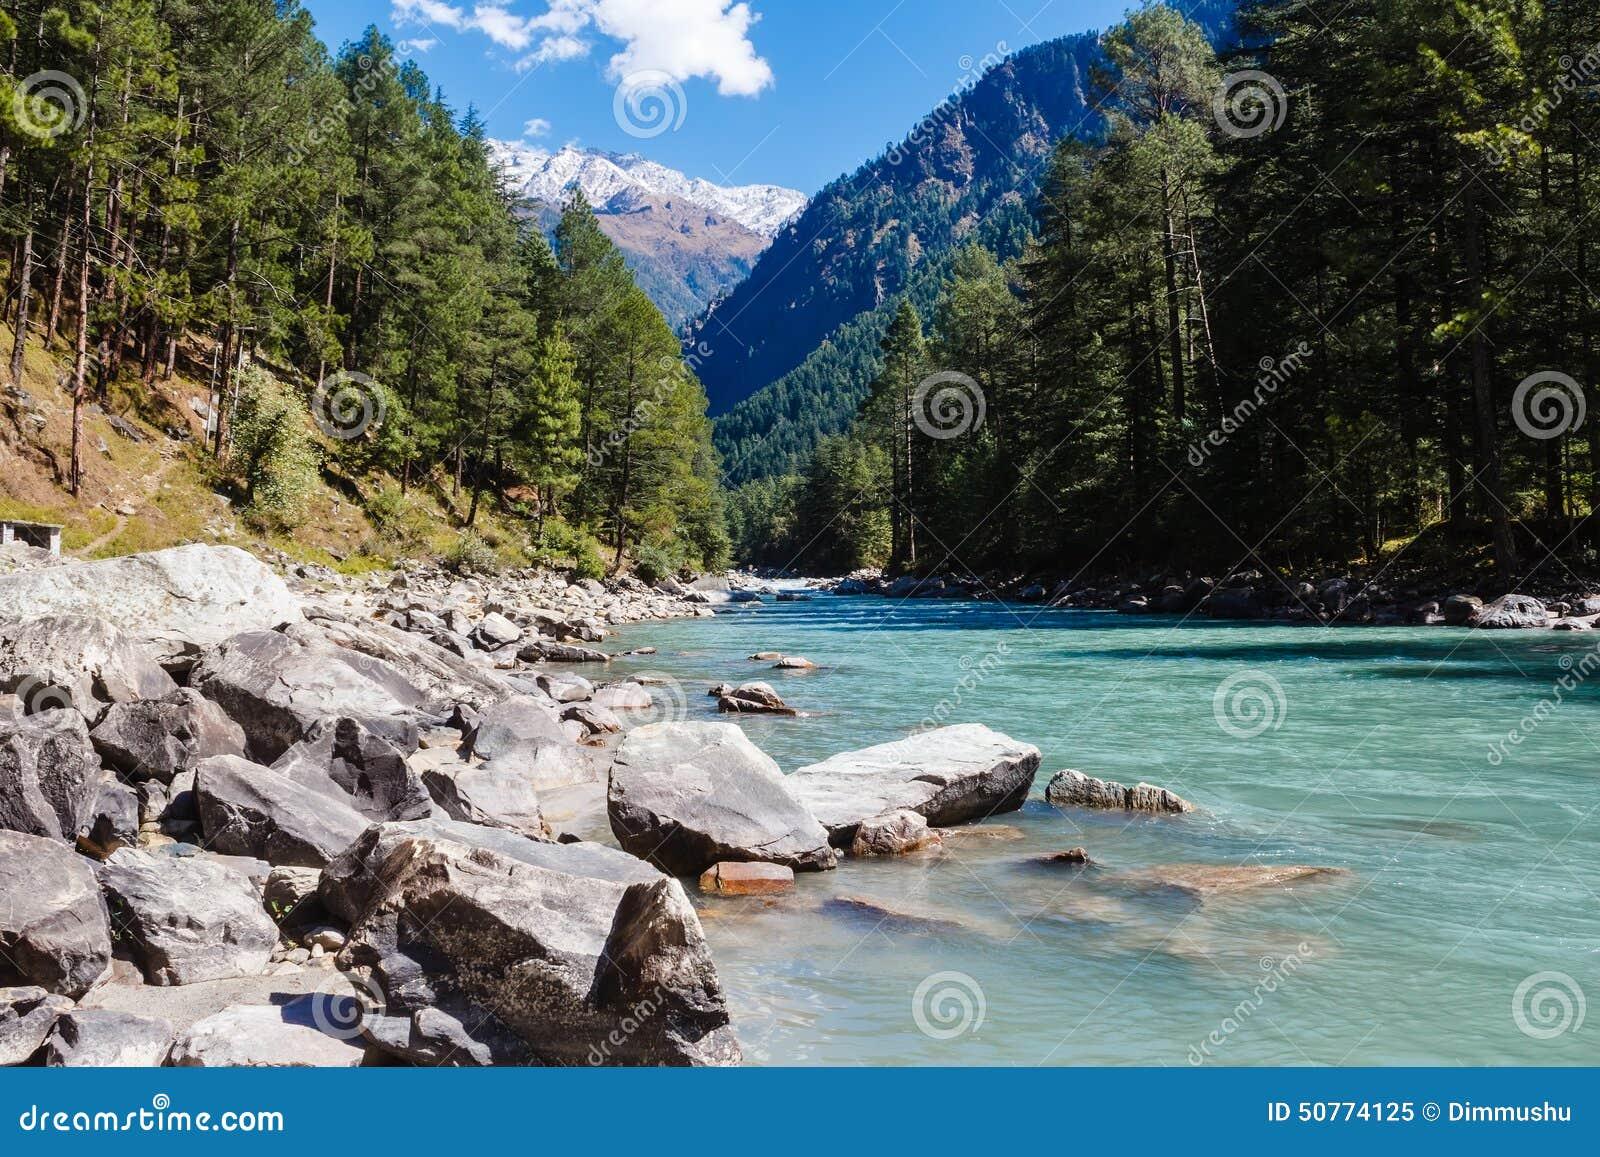 River Valley dans les montagnes couvertes de forêt